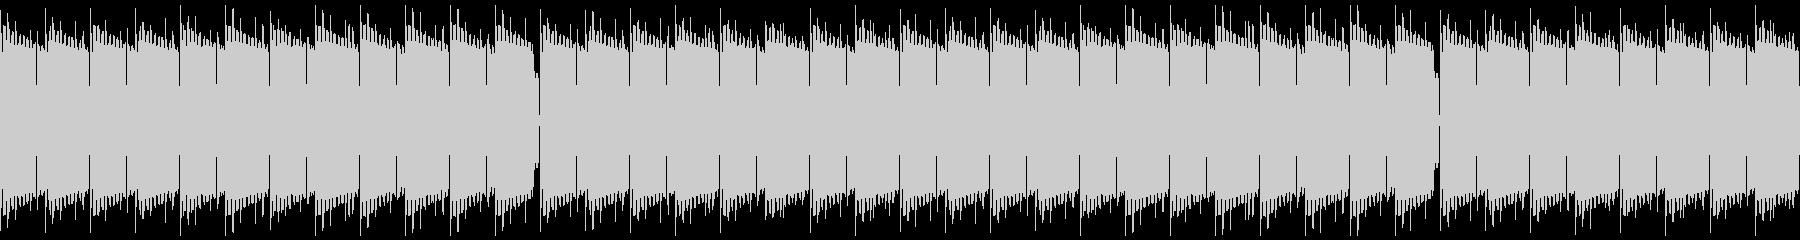 FC風ループ 幻覚と錯覚の未再生の波形